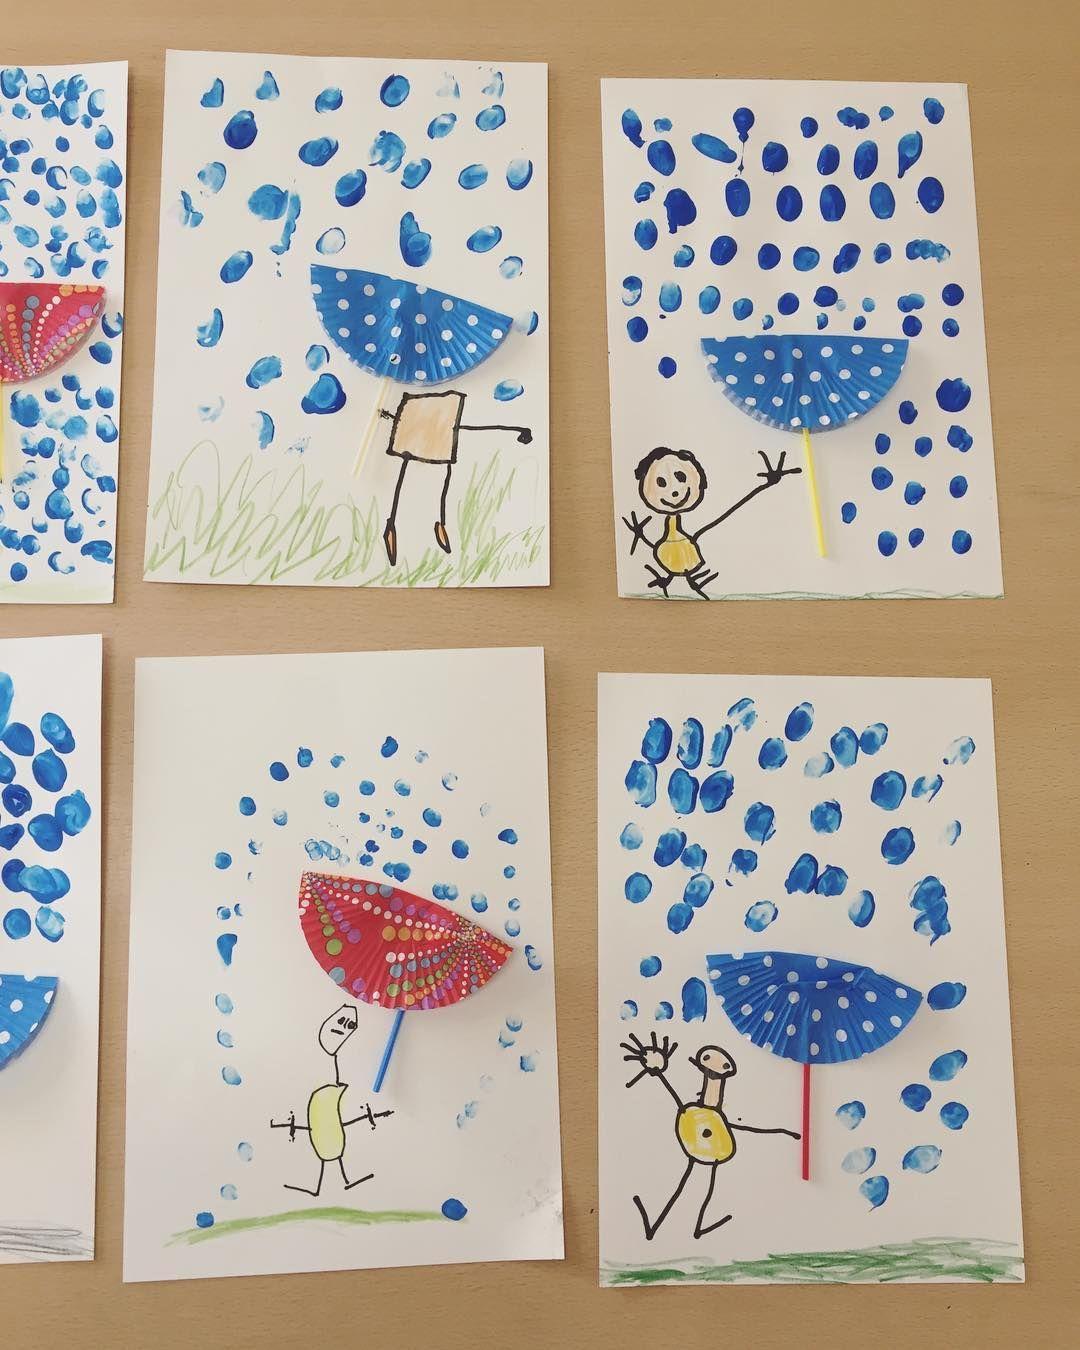 """Erzieherin seit 7 Jahren on Instagram: """"It's a rainy day ️ ———————————————————————————- Gefördert wird: #kreativität #feinmotorik #fingerfertigkeit #koordination von Hand und…"""""""